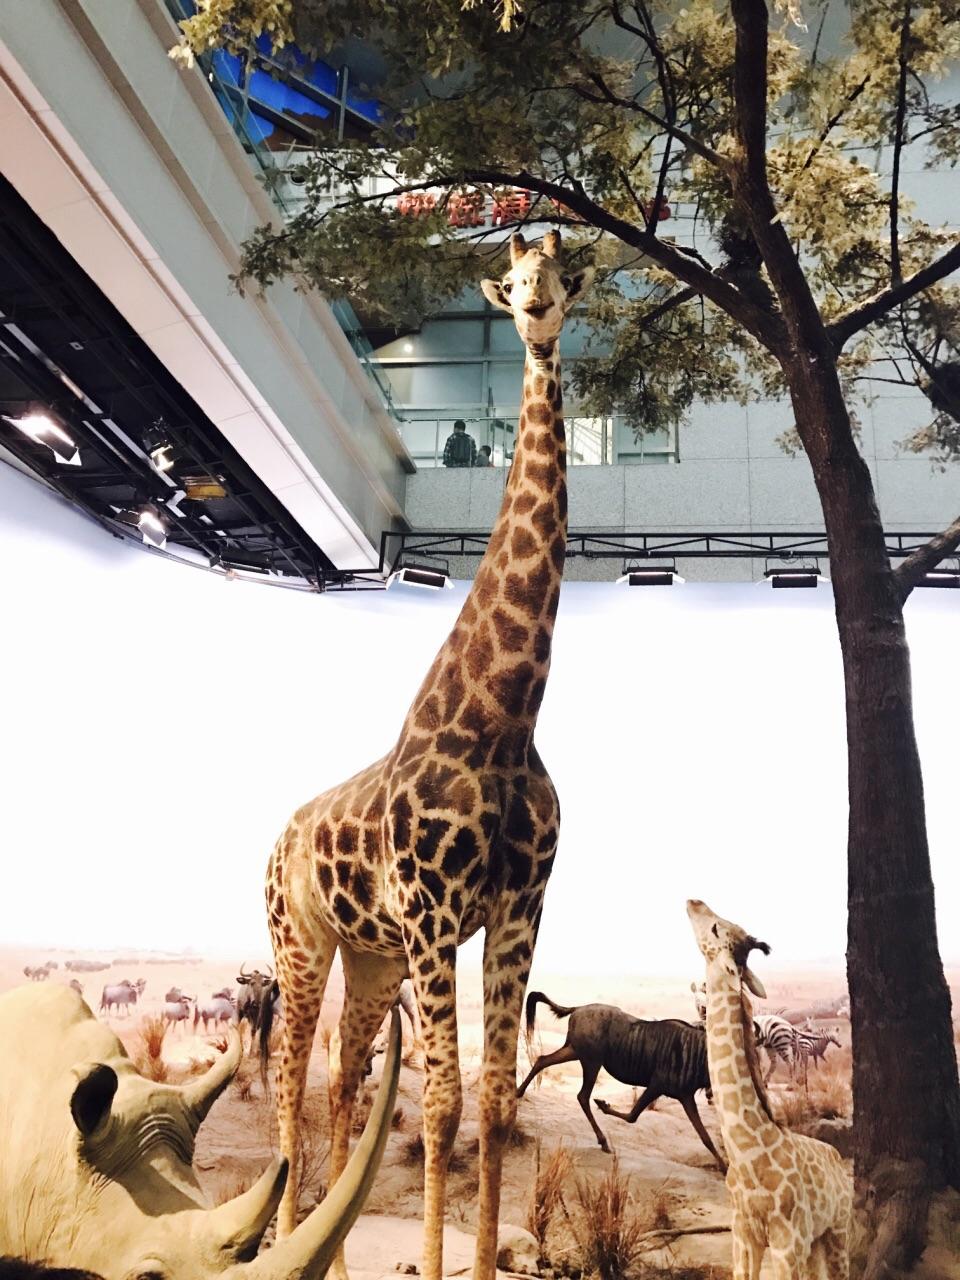 我们是先从2楼的动物世界逛起的,由各种动物标本构成,有点像自然